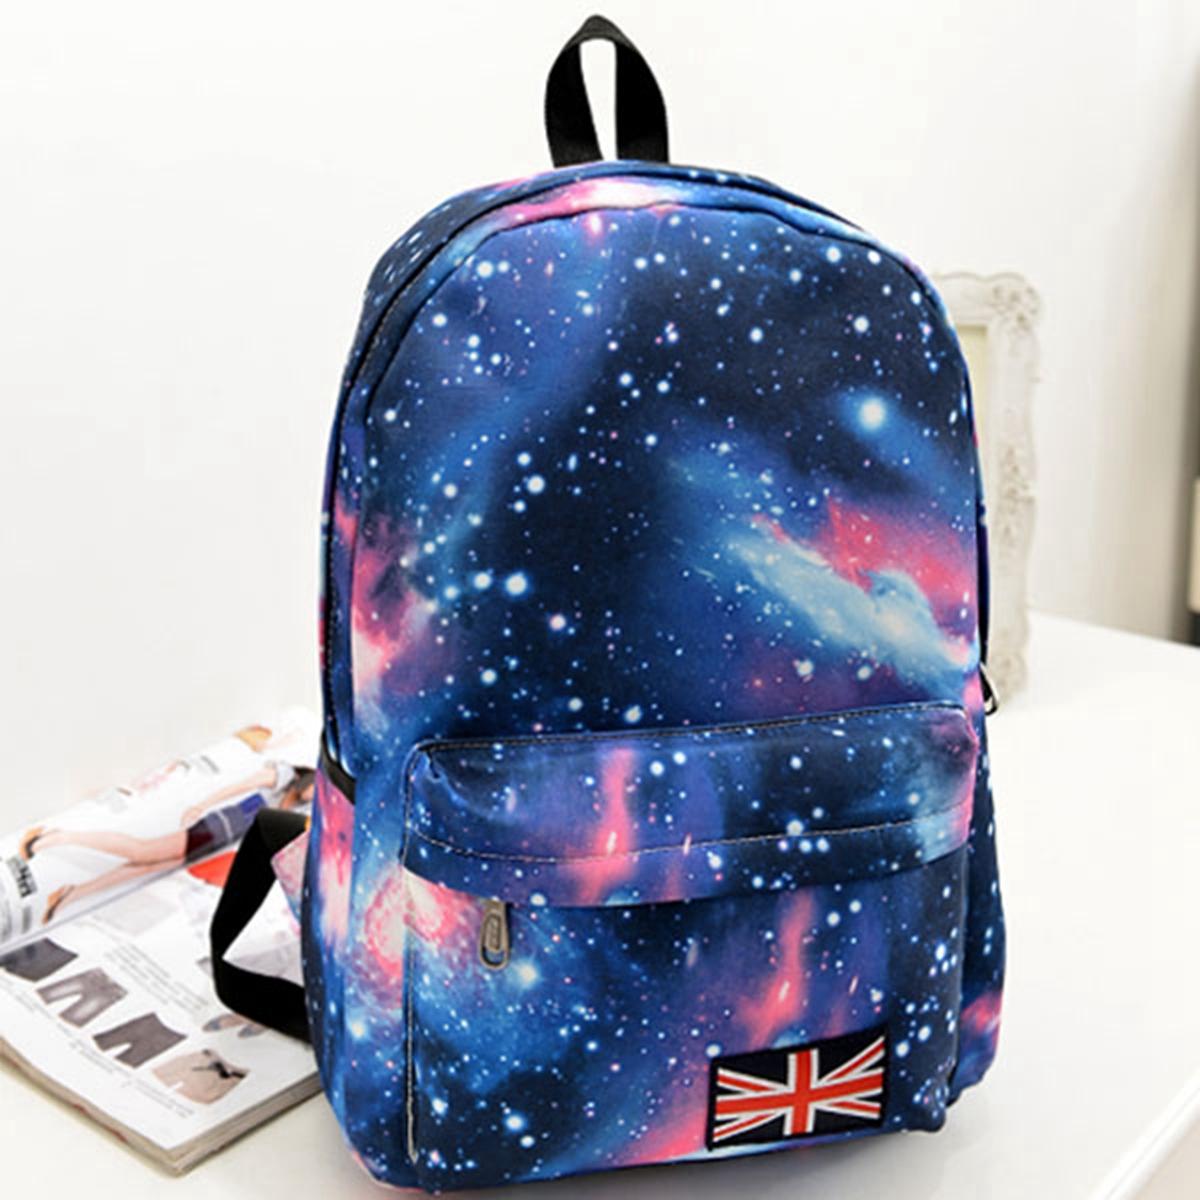 [พร้อมส่ง] กระเป๋าเป้ลายกาแล็คซี่ สีน้ำเงิน